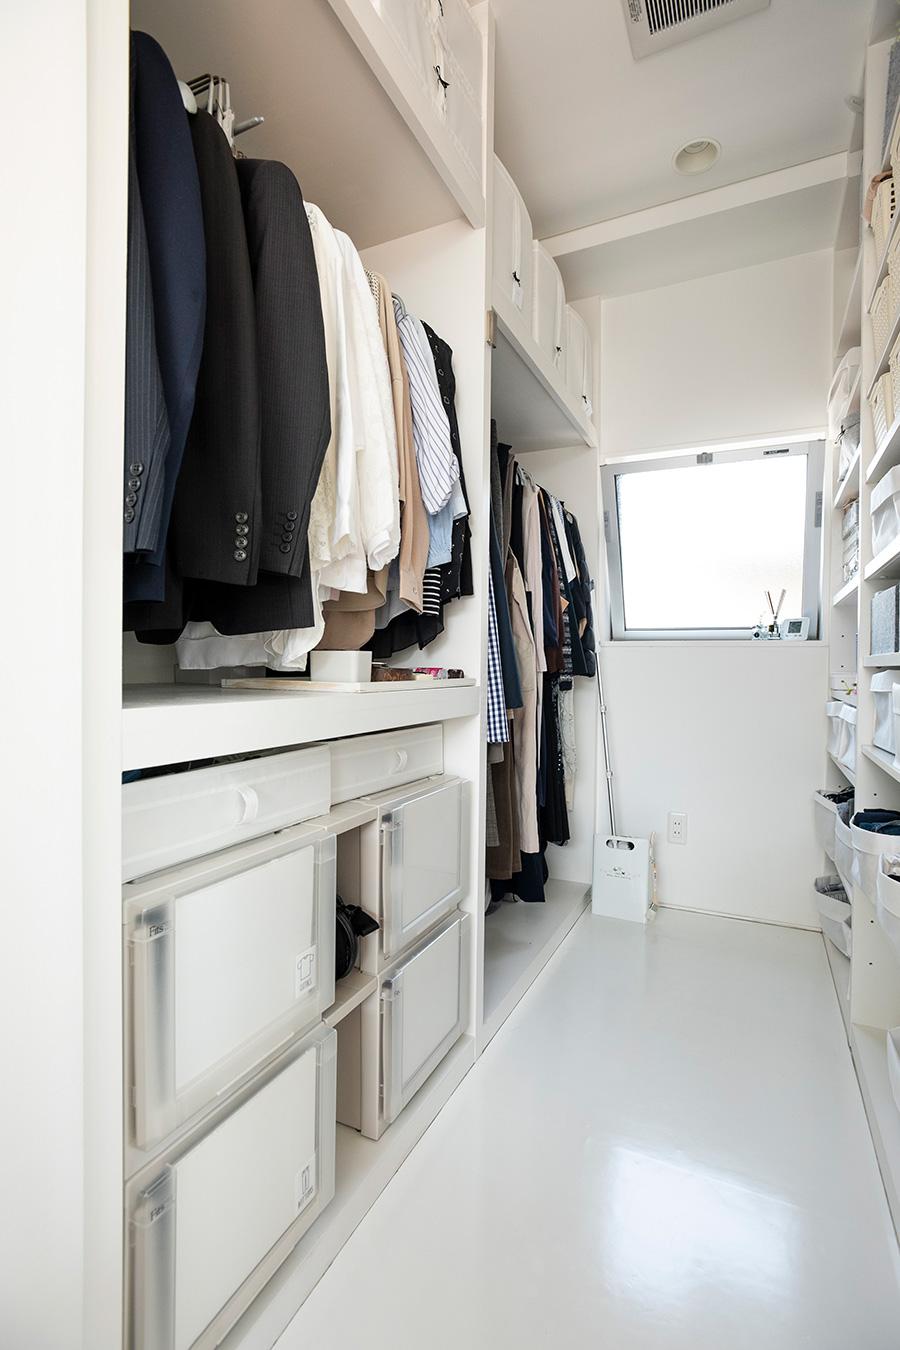 衣類だけでなく、腕時計、定期券、ハンカチなど夫が通勤時に必要なものもすべてここに収めている。